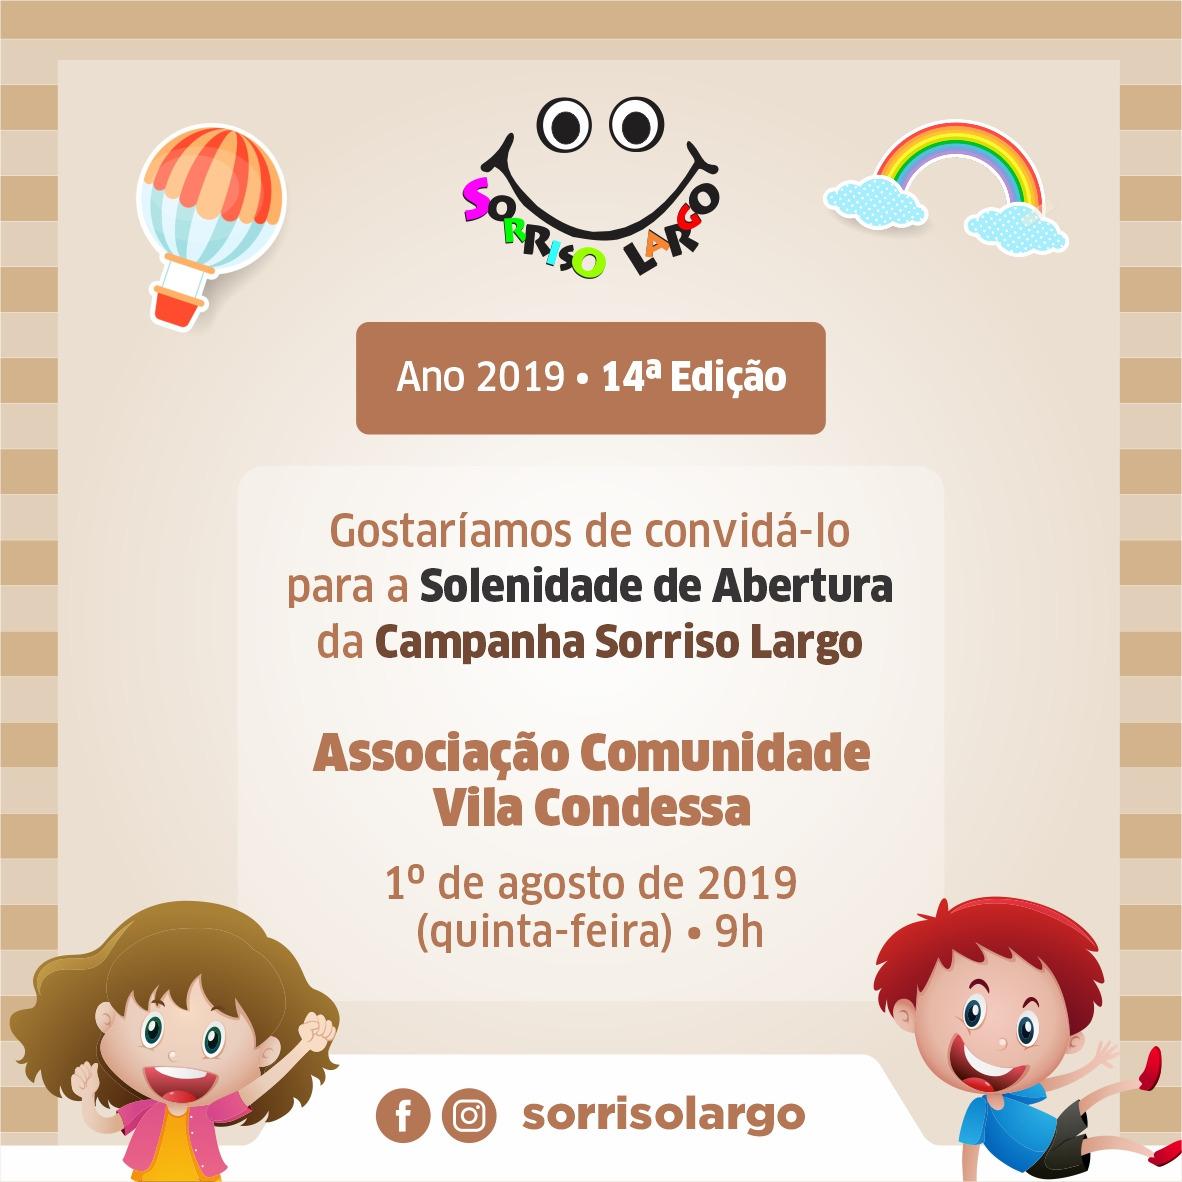 Lançamento da 14ª Campanha Sorriso Largo de Criança 2019 na Paróquia São Benedito, 01/08